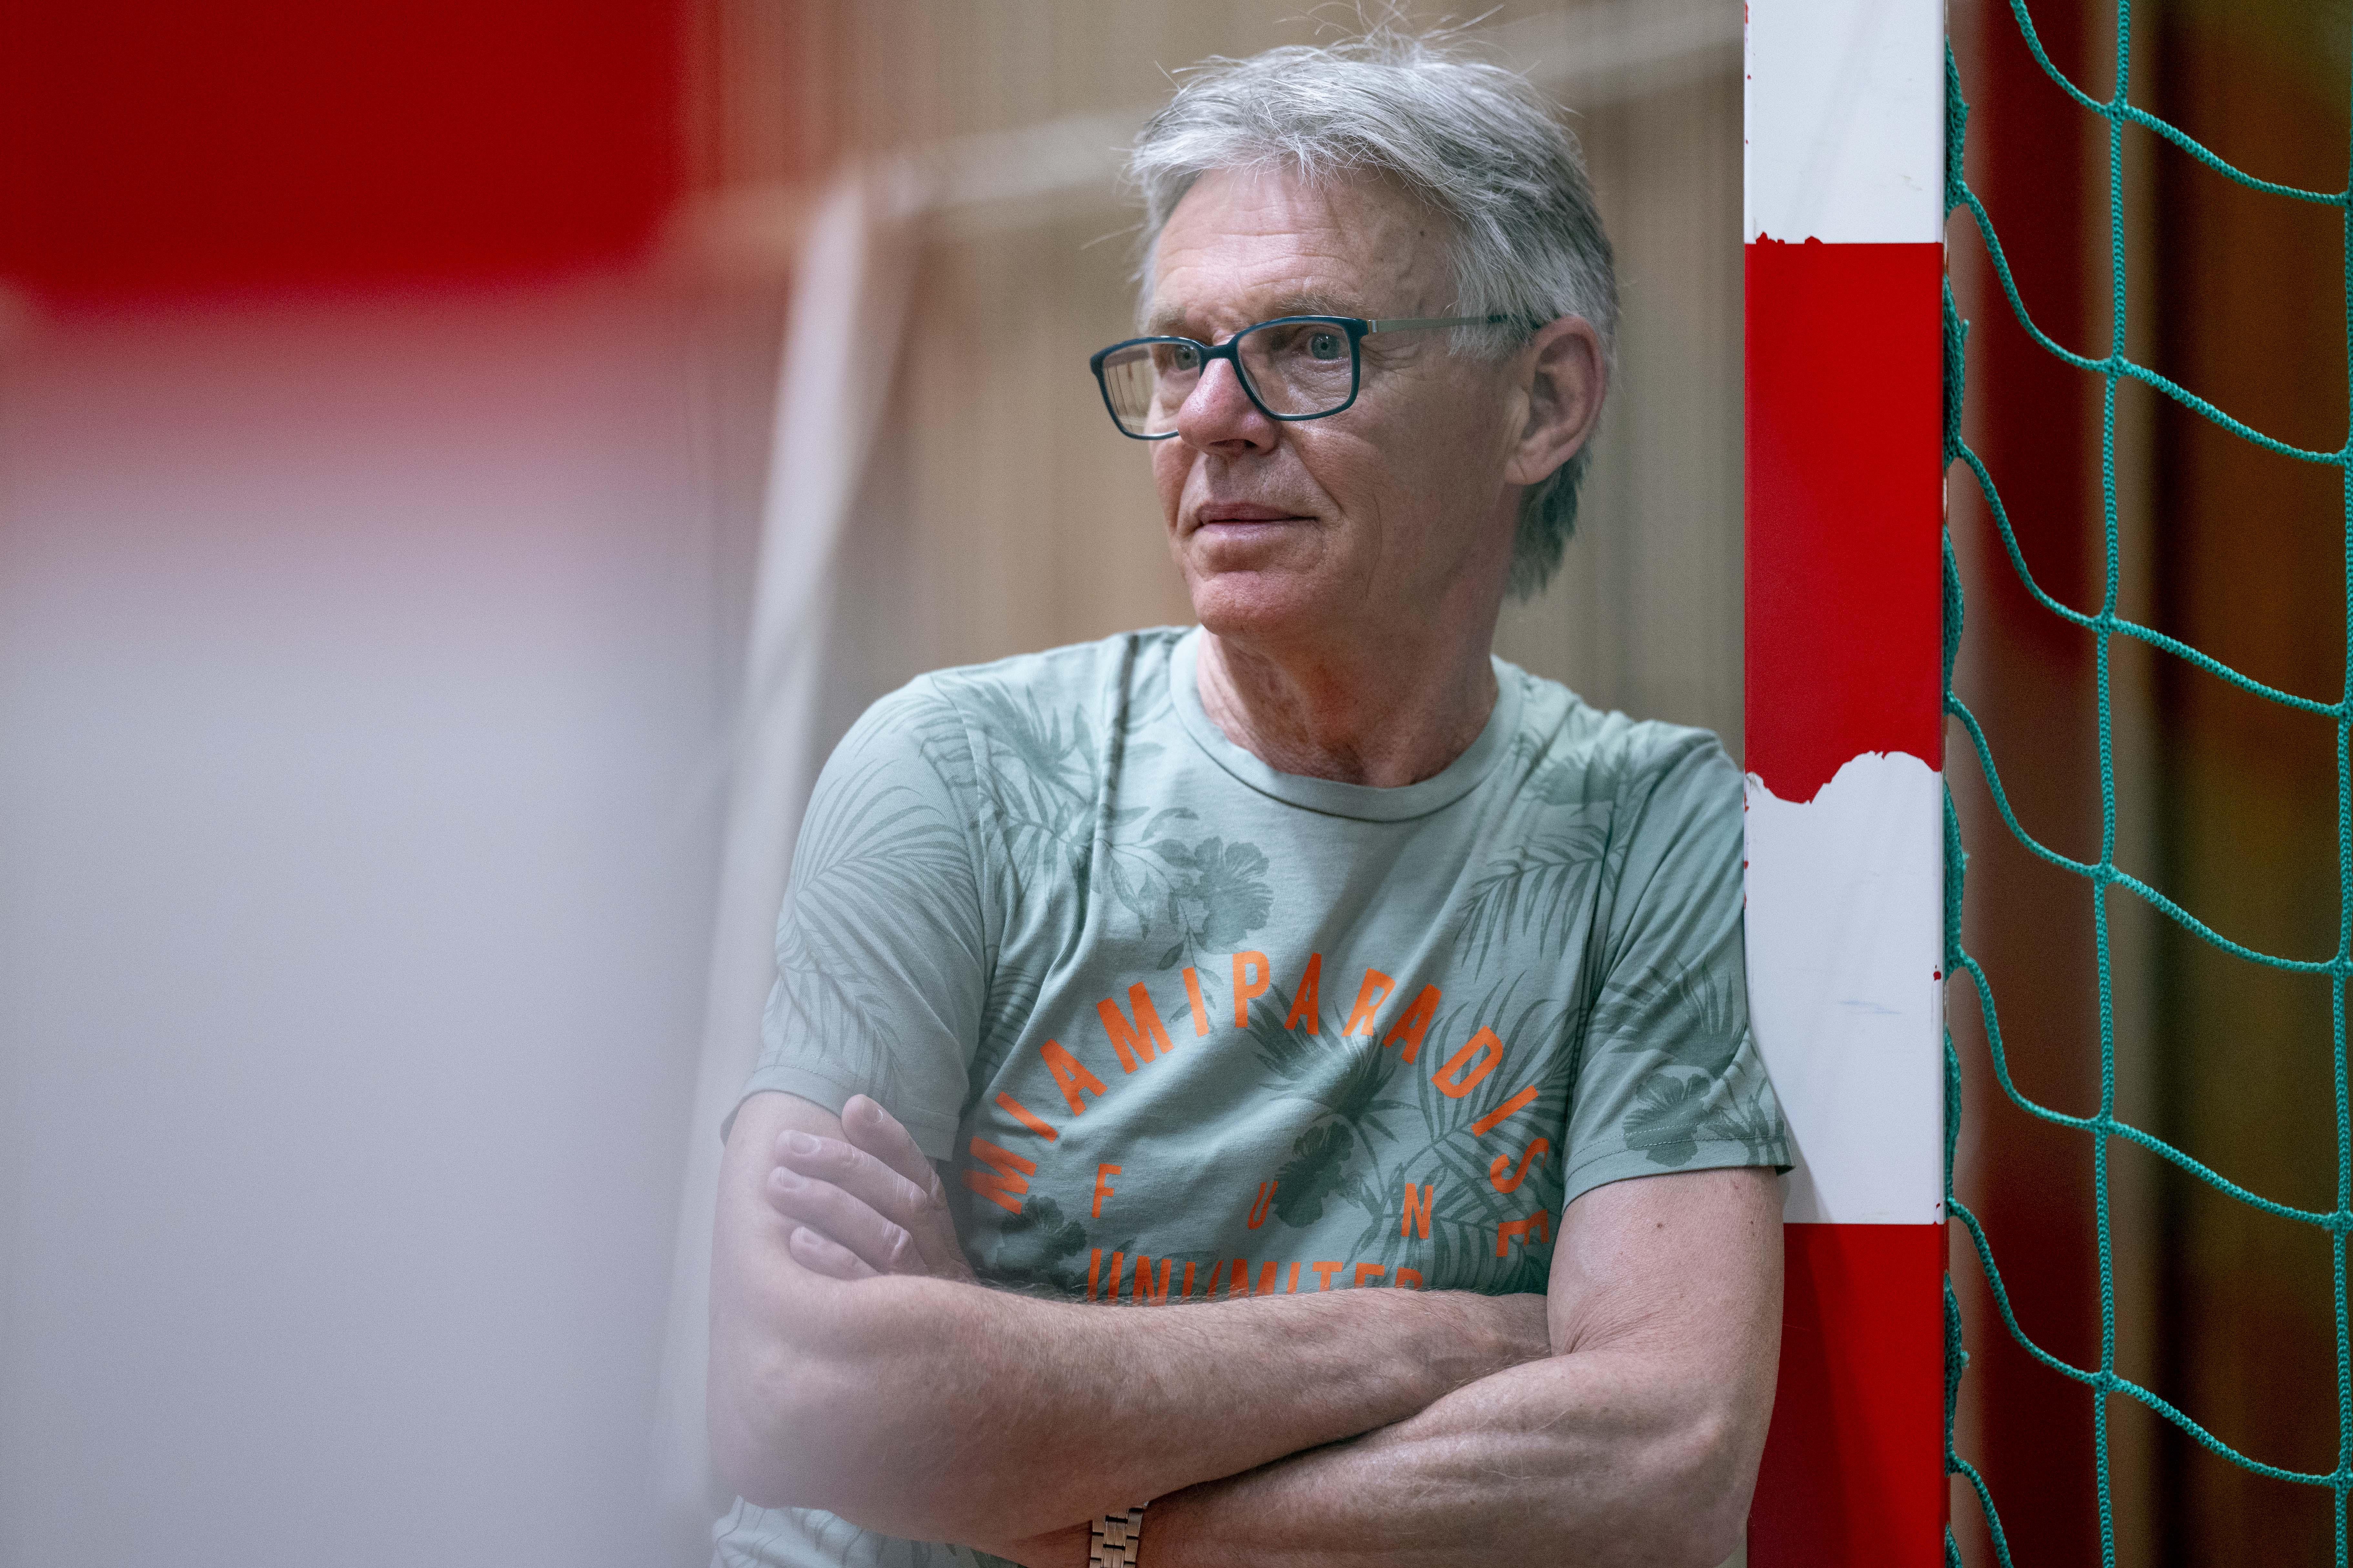 'Ik trouwde en zei tegen mijn vrouw dat zolang ik kon voetballen, dat op één kwam.' Johan Gast (67) speelde niet lang geleden zijn laatste wedstrijd